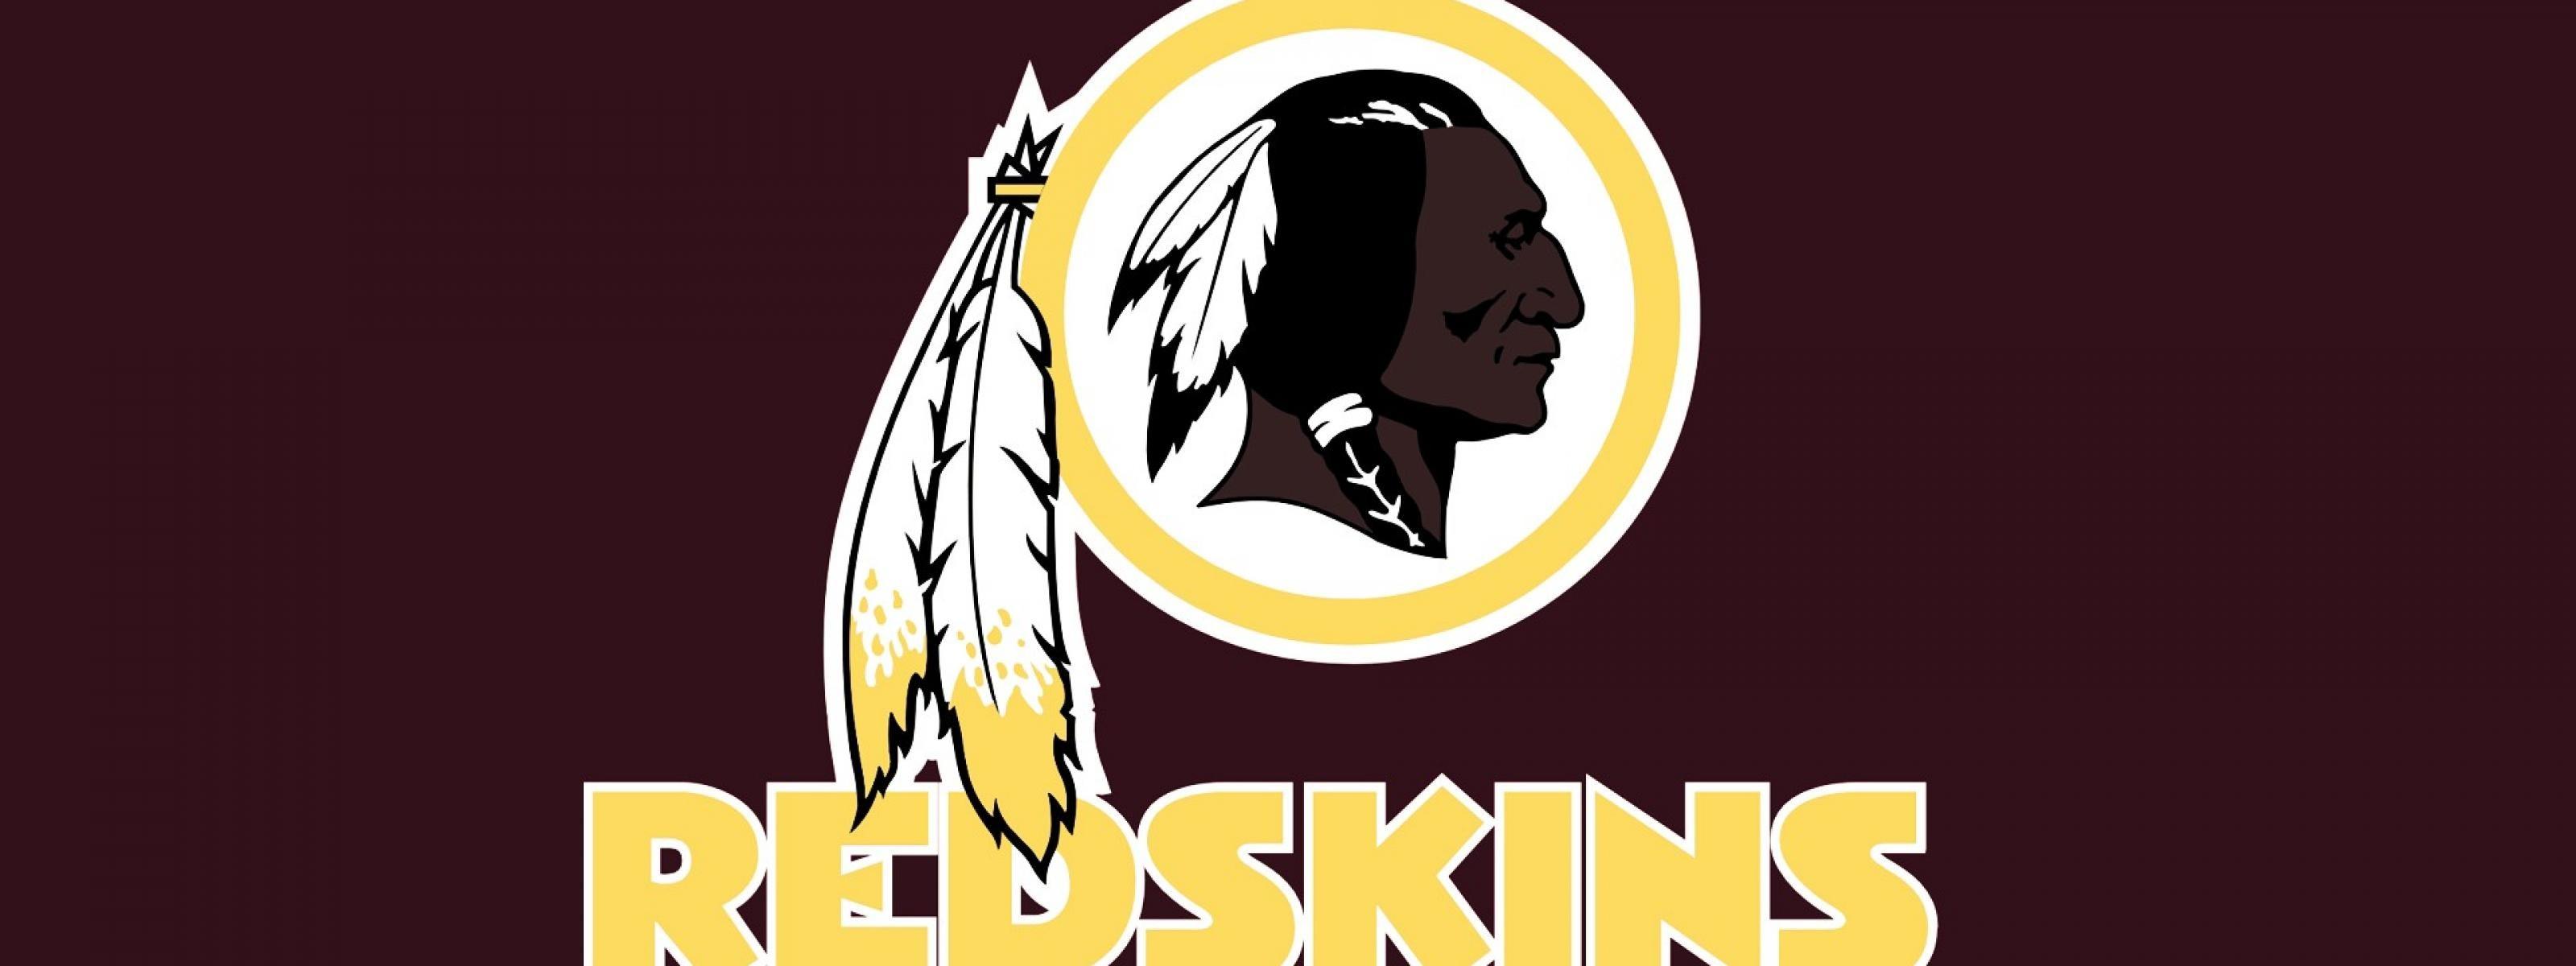 Redskins Wallpaper Desktop Image